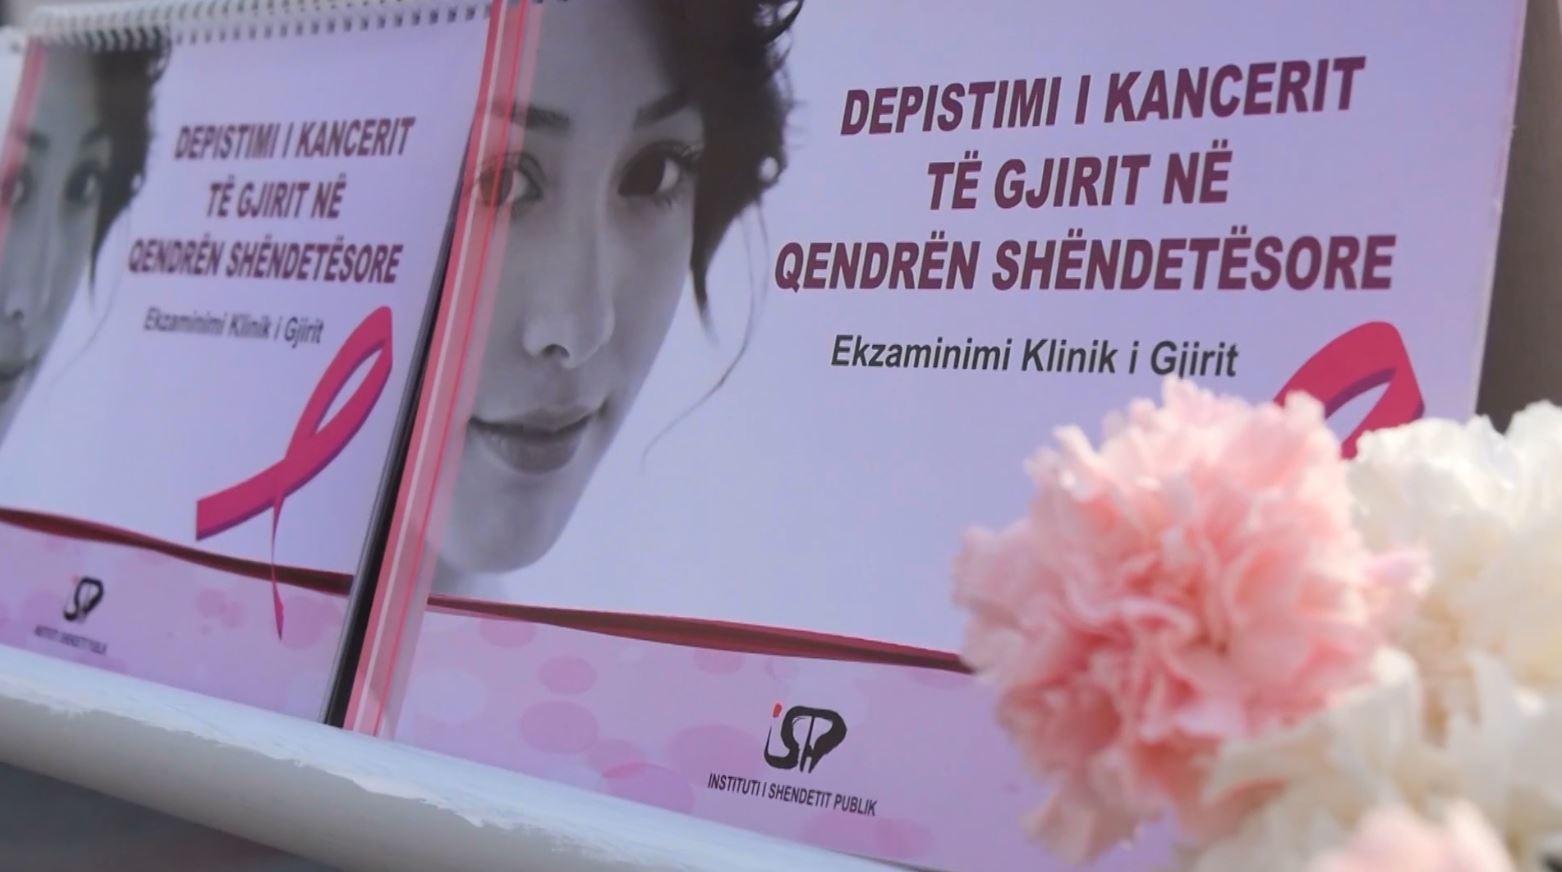 Manastirliu: Nëpërmjet sensibilizimit beteja me kancerin e gjirit mund të fitohet